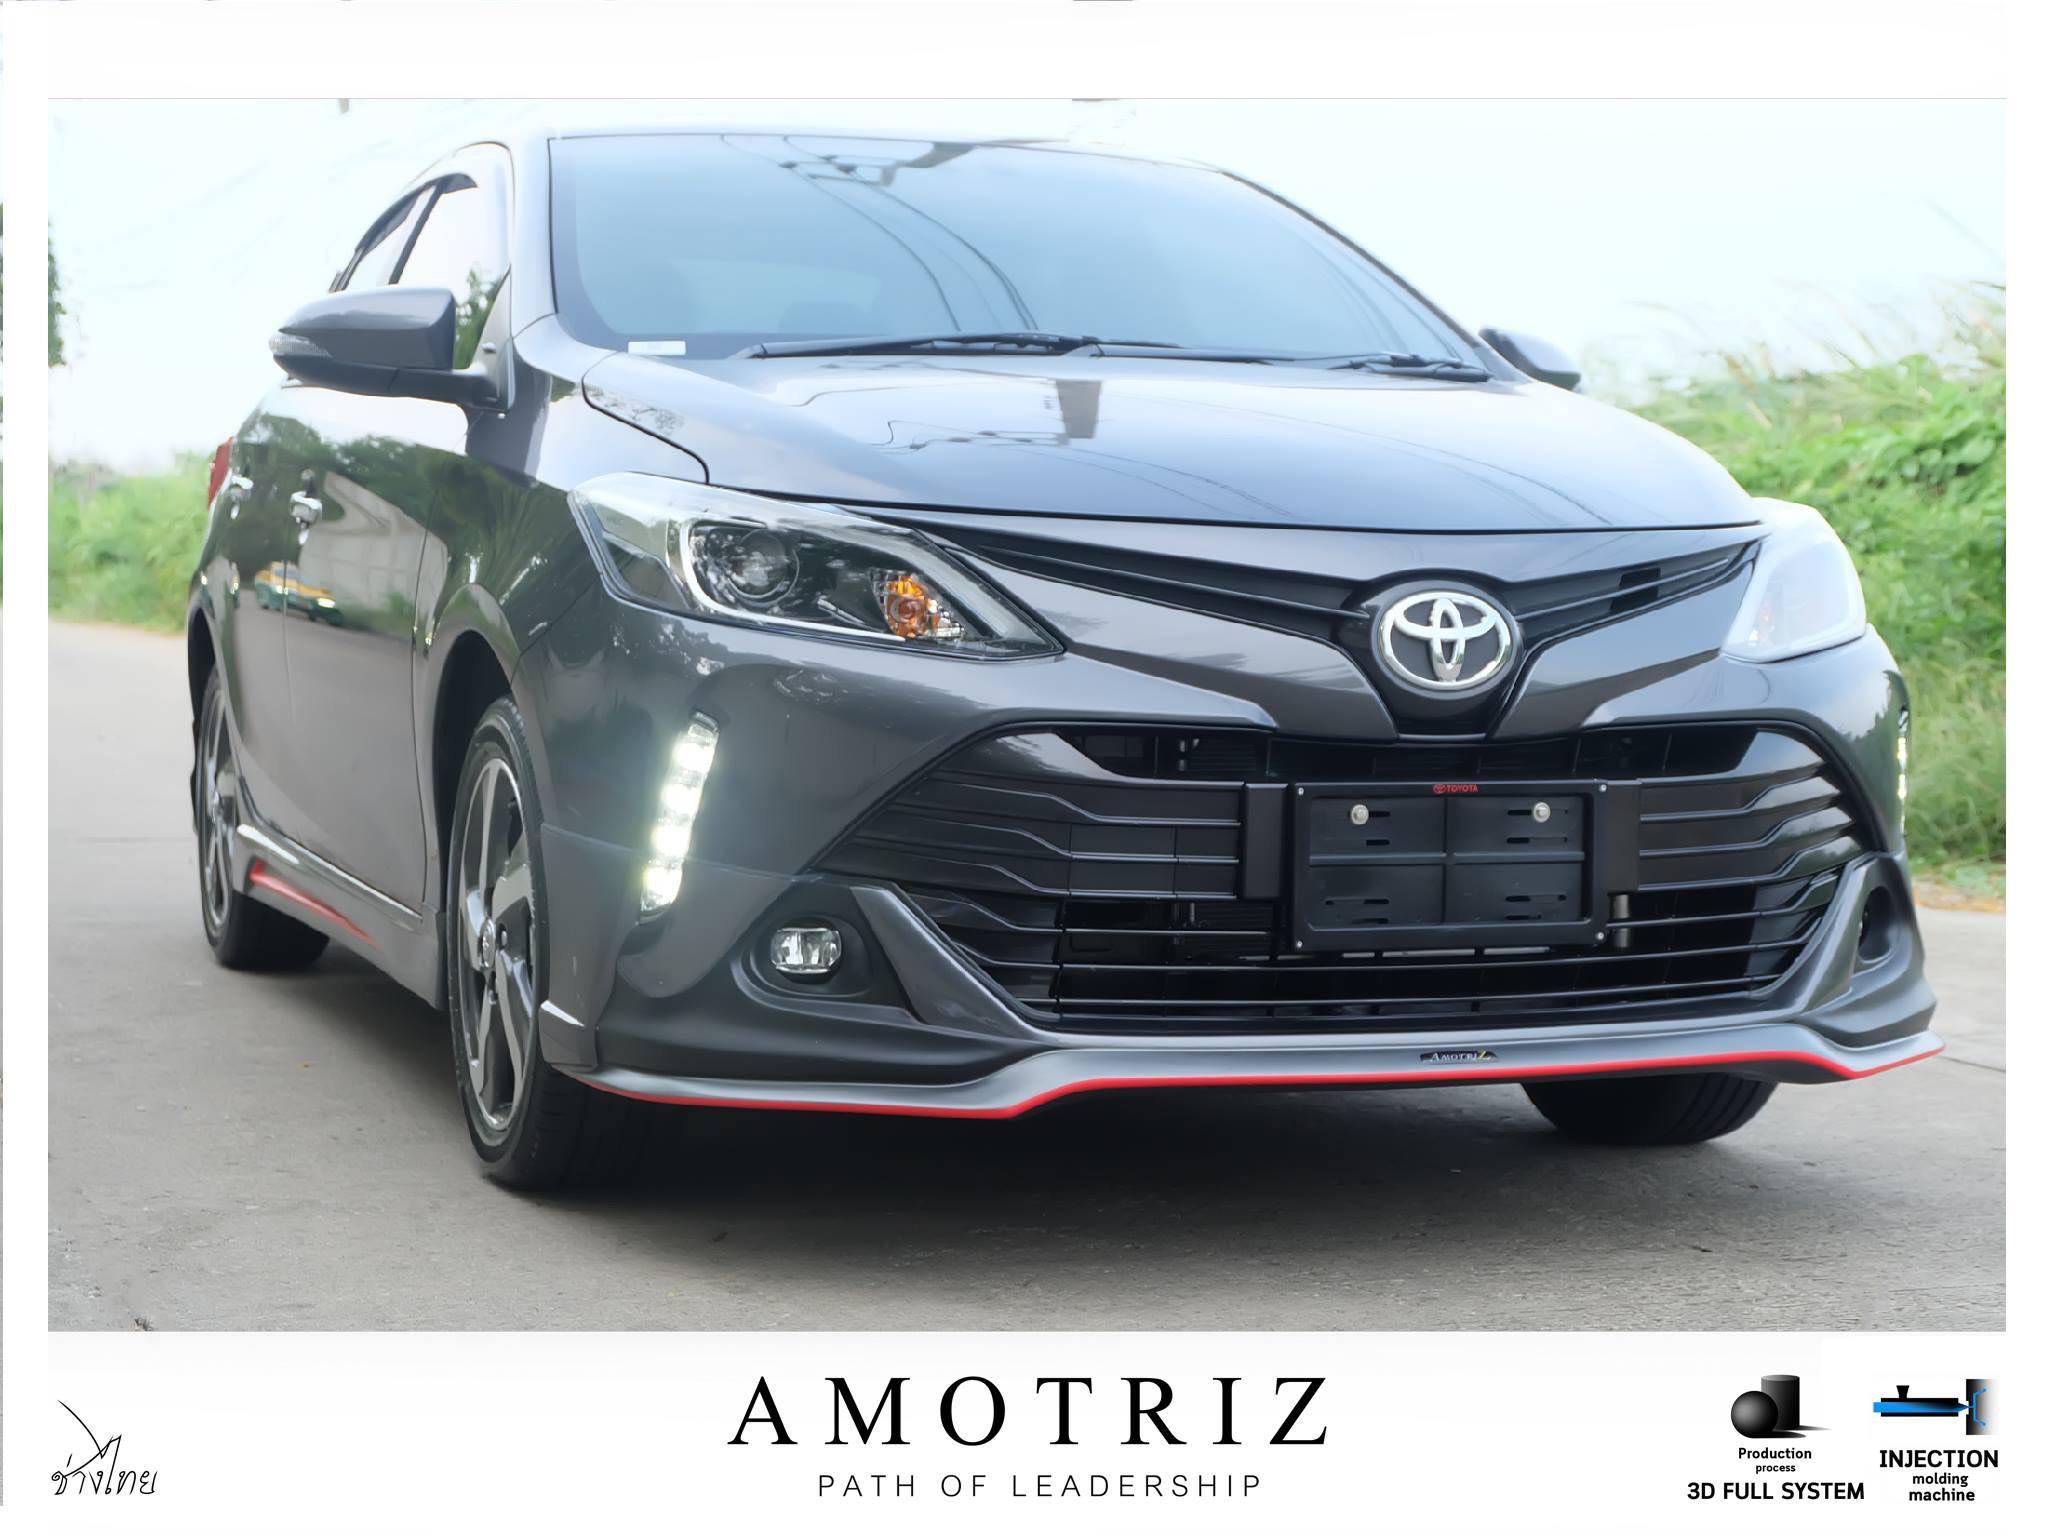 gia xe toyota vios 2019 anh 7 - So sánh xe Vios và Mazda 3: Ăn chắc mặc bền hay tiện nghi công nghệ